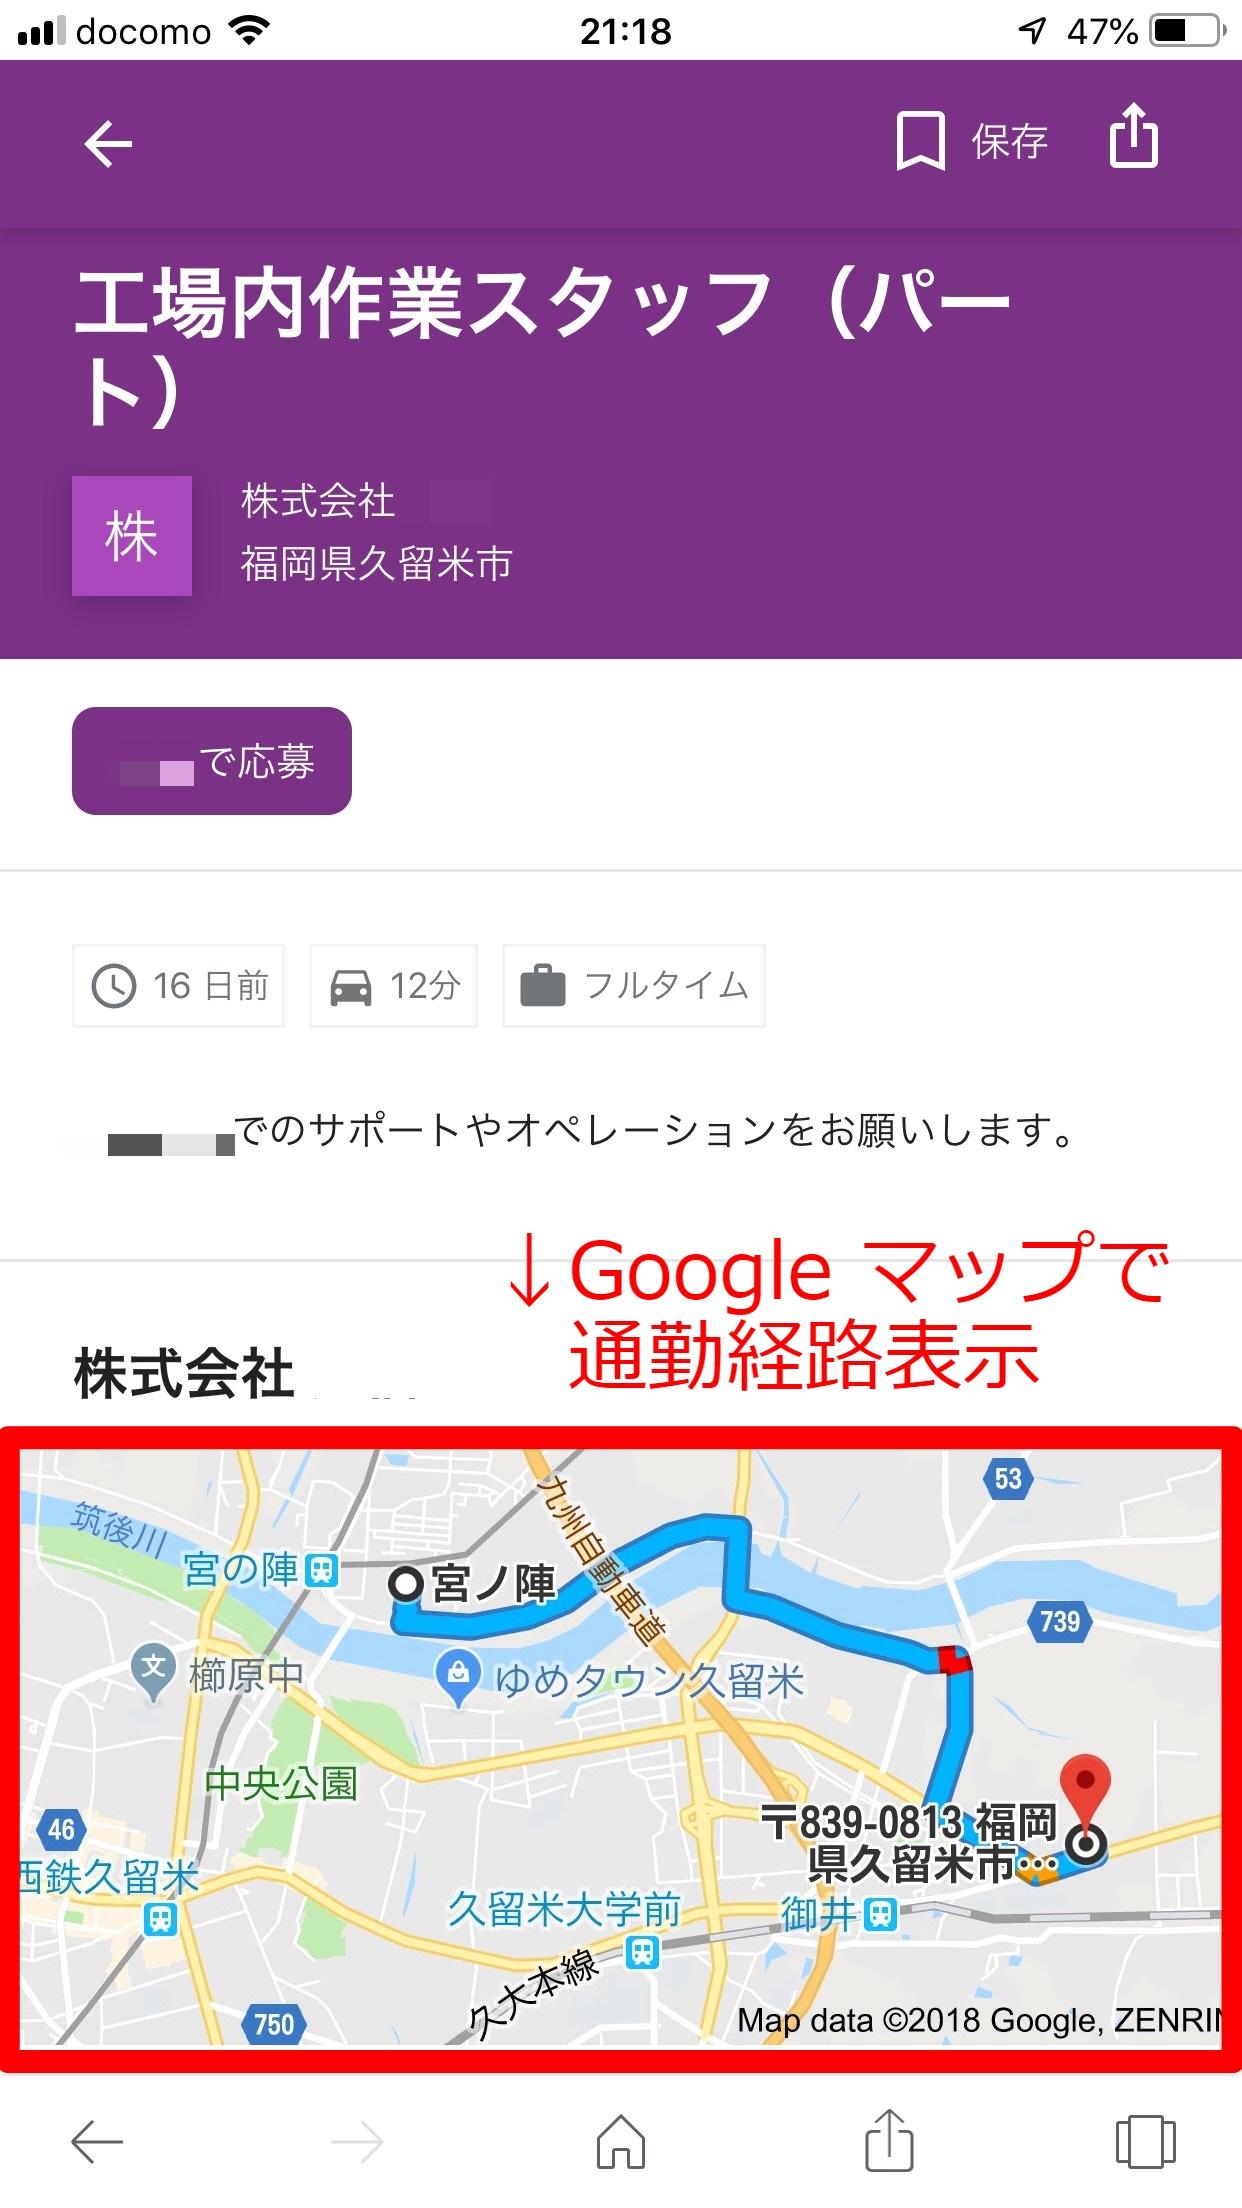 Google for jobs マップで通勤経路表示